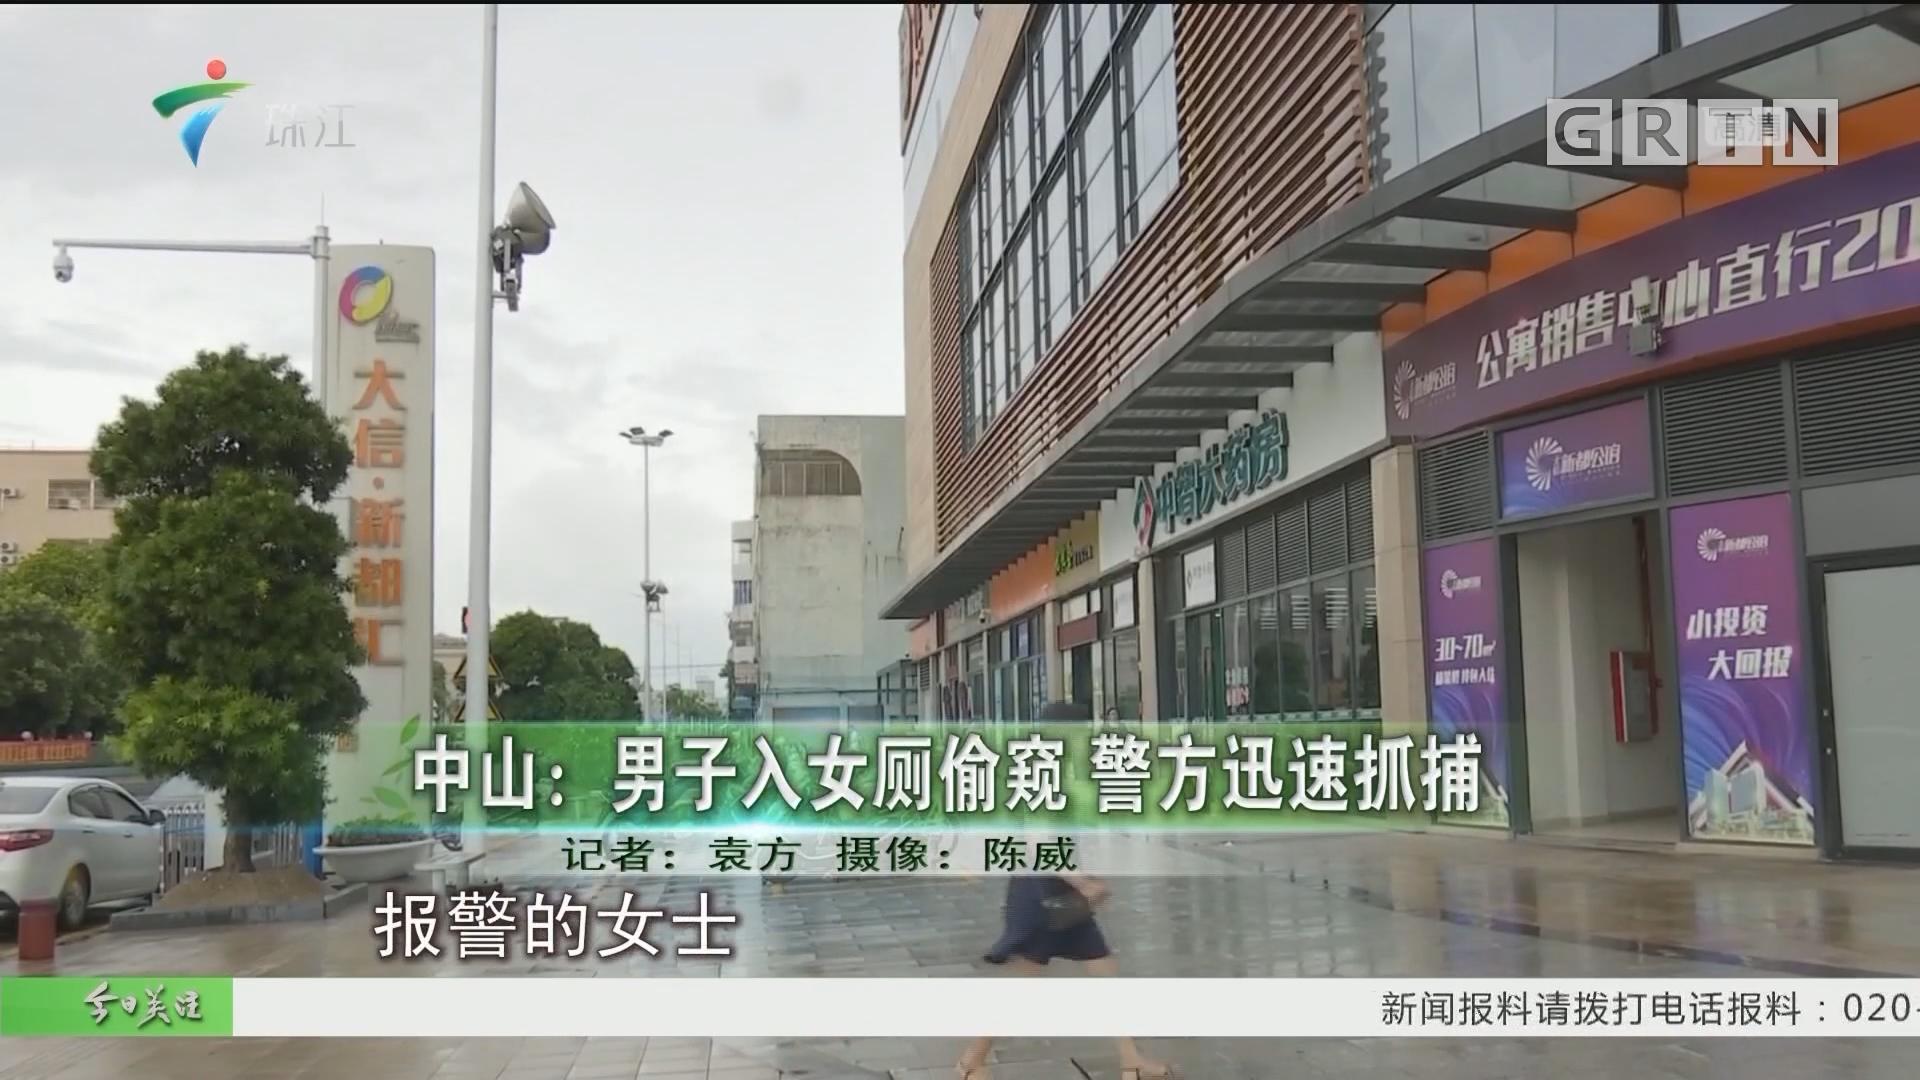 中山:男子入女廁偷窺 警方迅速抓捕